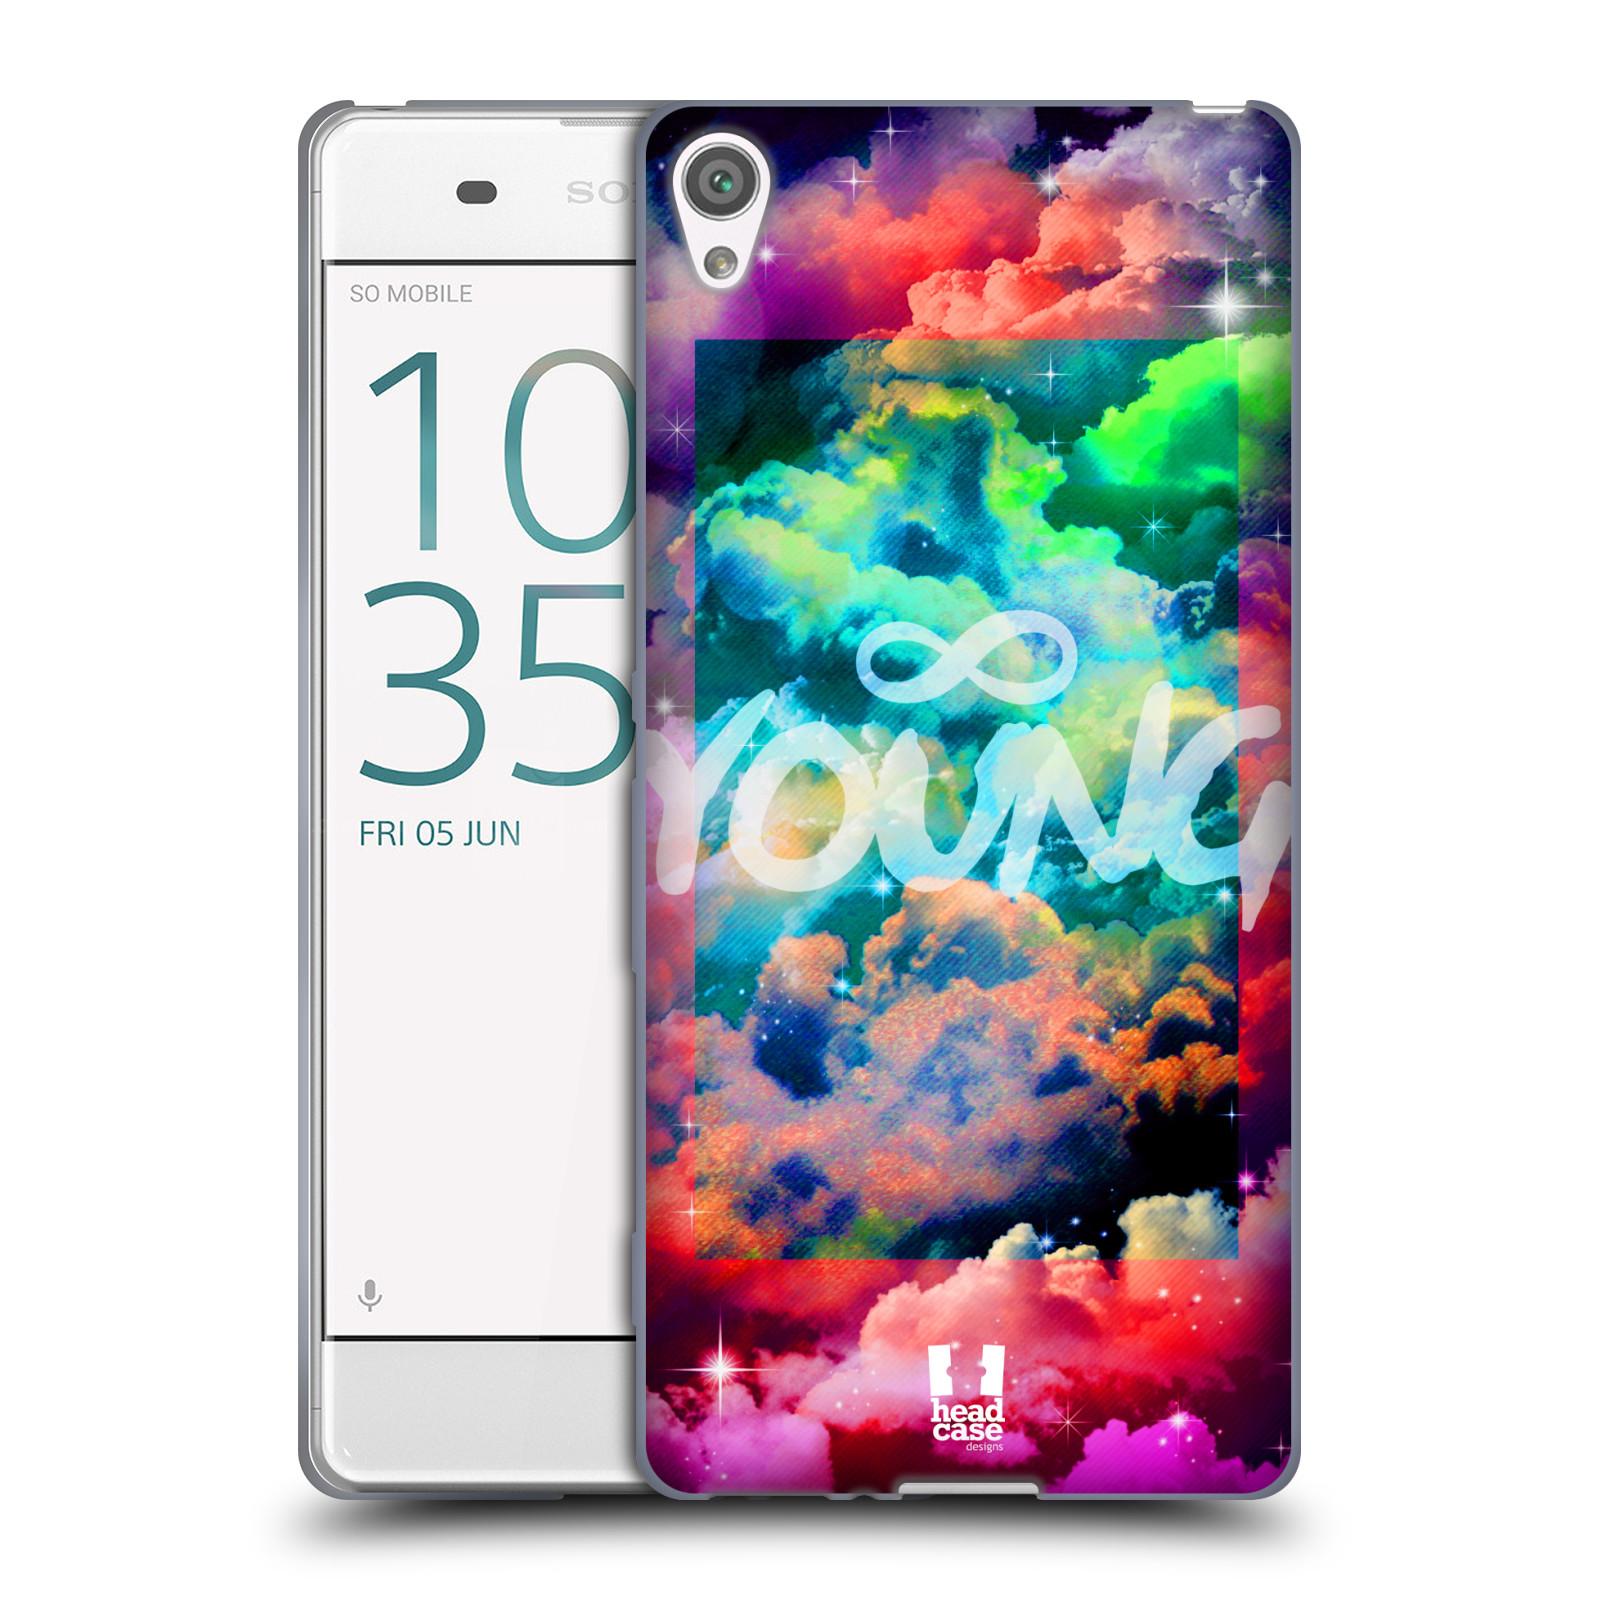 Silikonové pouzdro na mobil Sony Xperia XA HEAD CASE CHROMATIC YOUNG (Silikonový kryt či obal na mobilní telefon Sony Xperia XA F3111 / Dual SIM F3112)